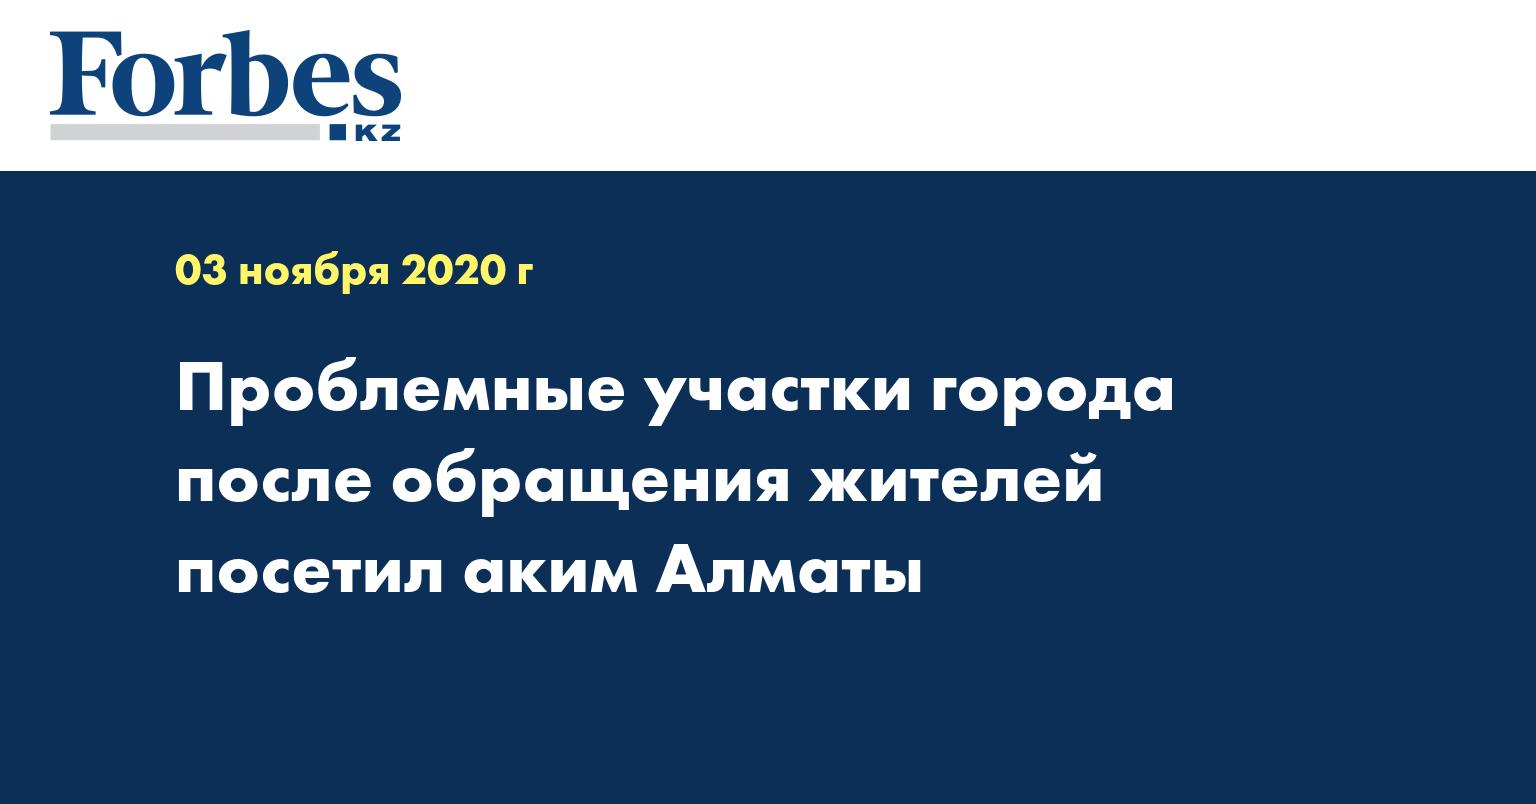 Проблемные участки города после обращения жителей посетил аким Алматы